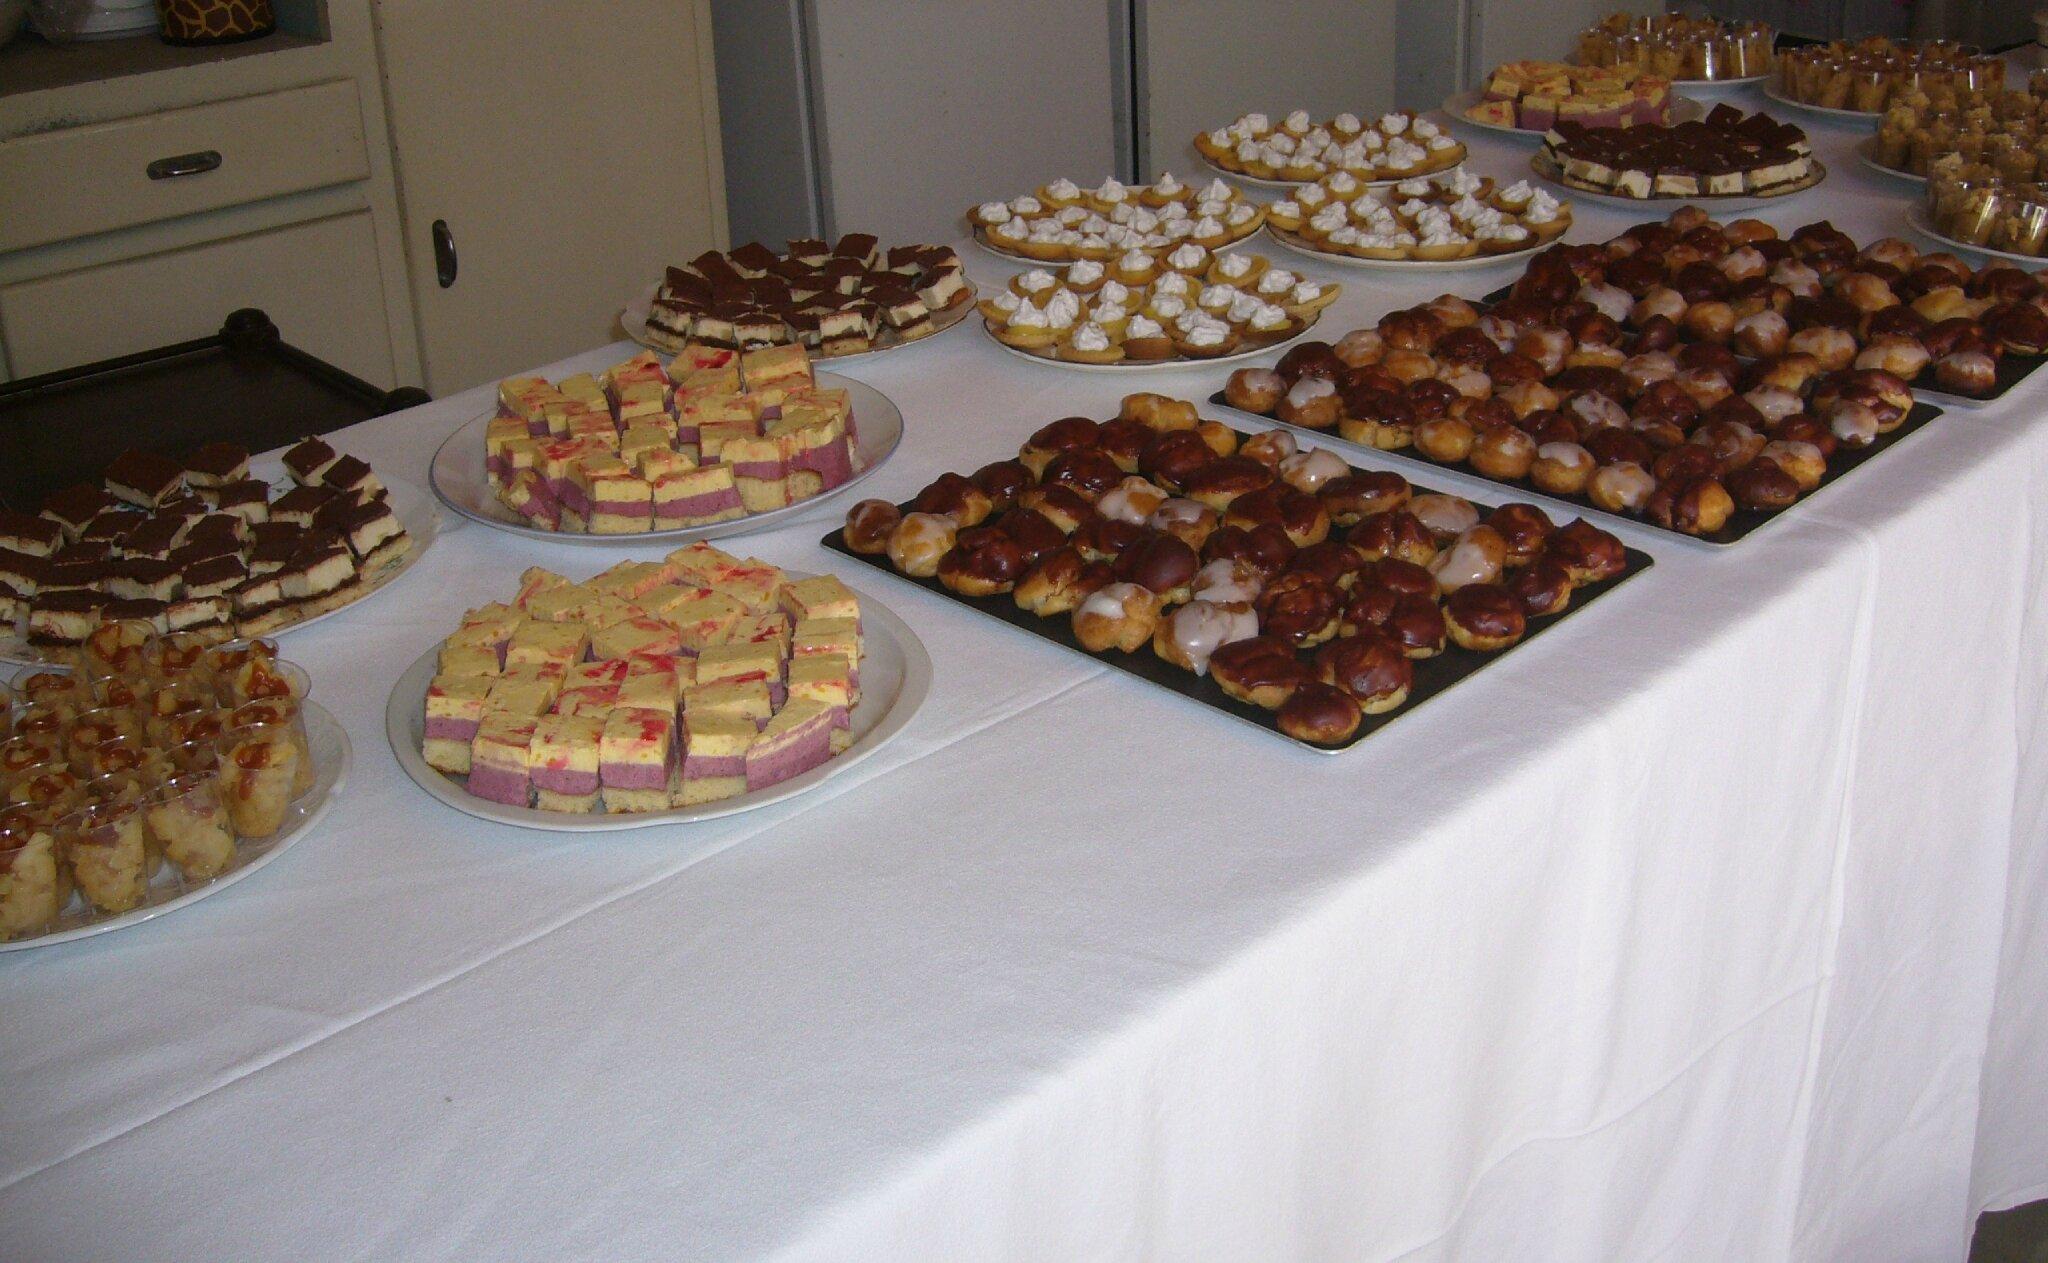 Souvent Organiser un buffet soi-même - Tea-time gourmand WK29